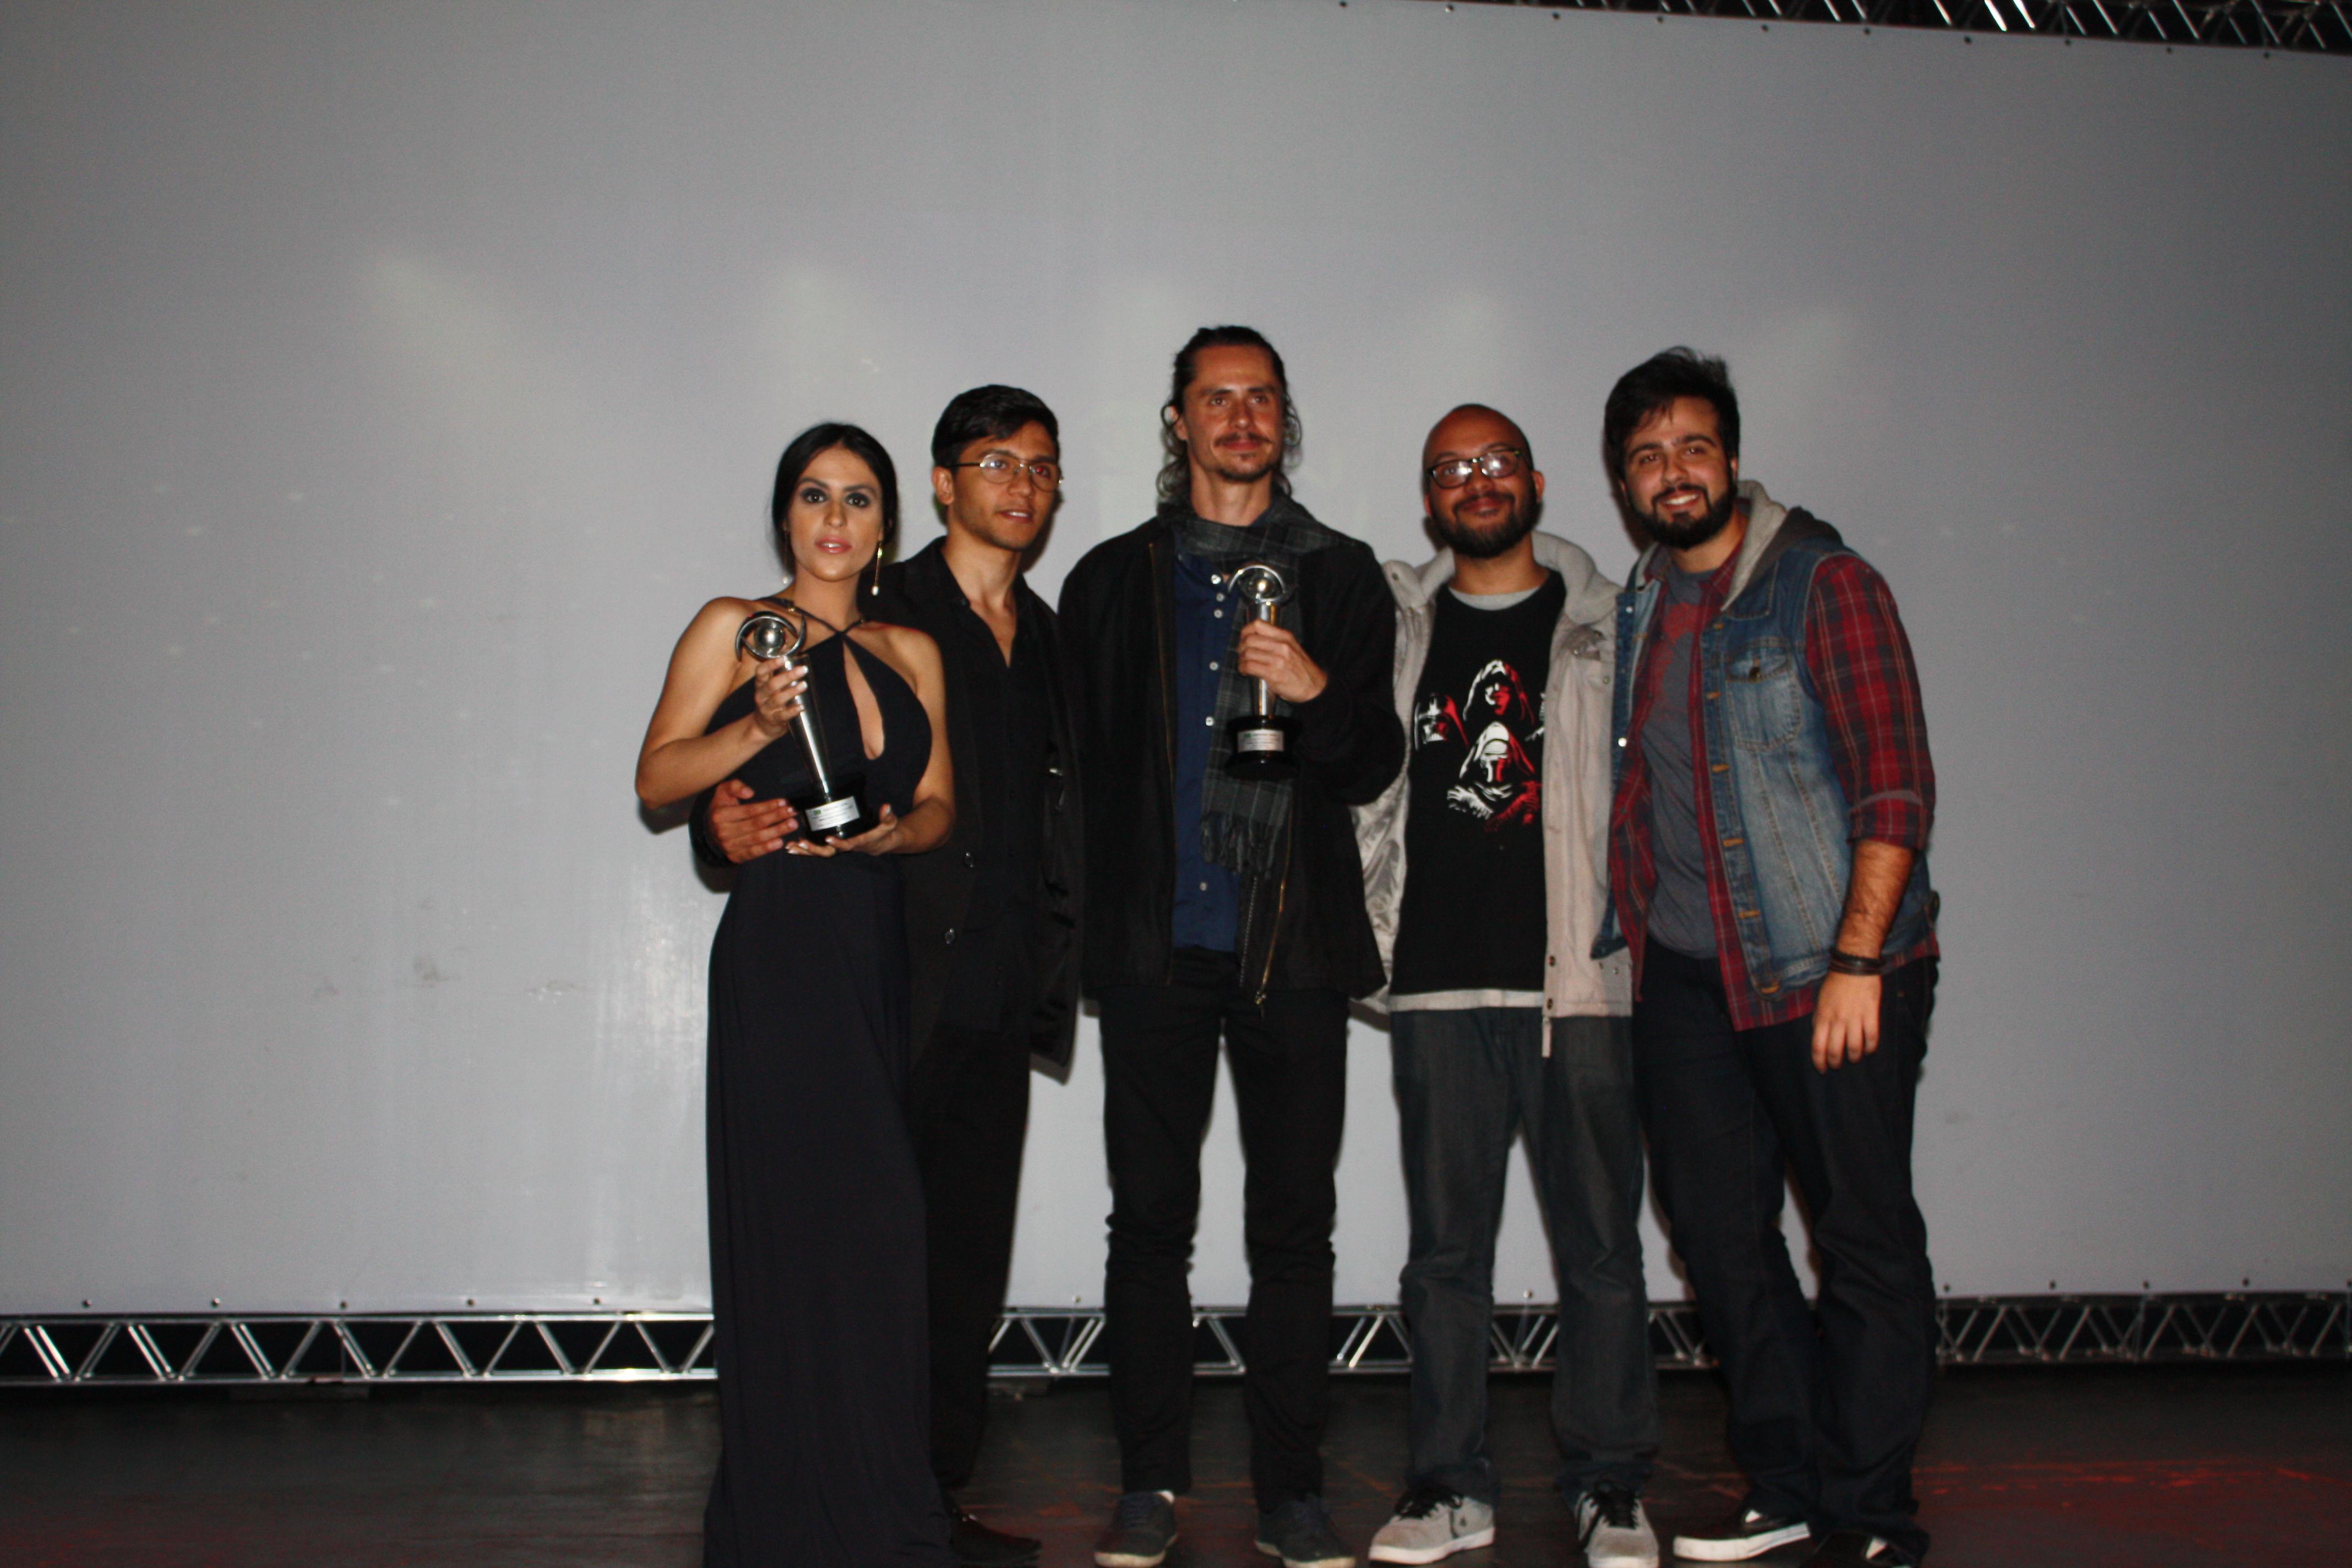 Ganhadores do  FESTICINI Melhor Média Metragem e Melhor Ator Coadjuvante para Marcus Veríssimo